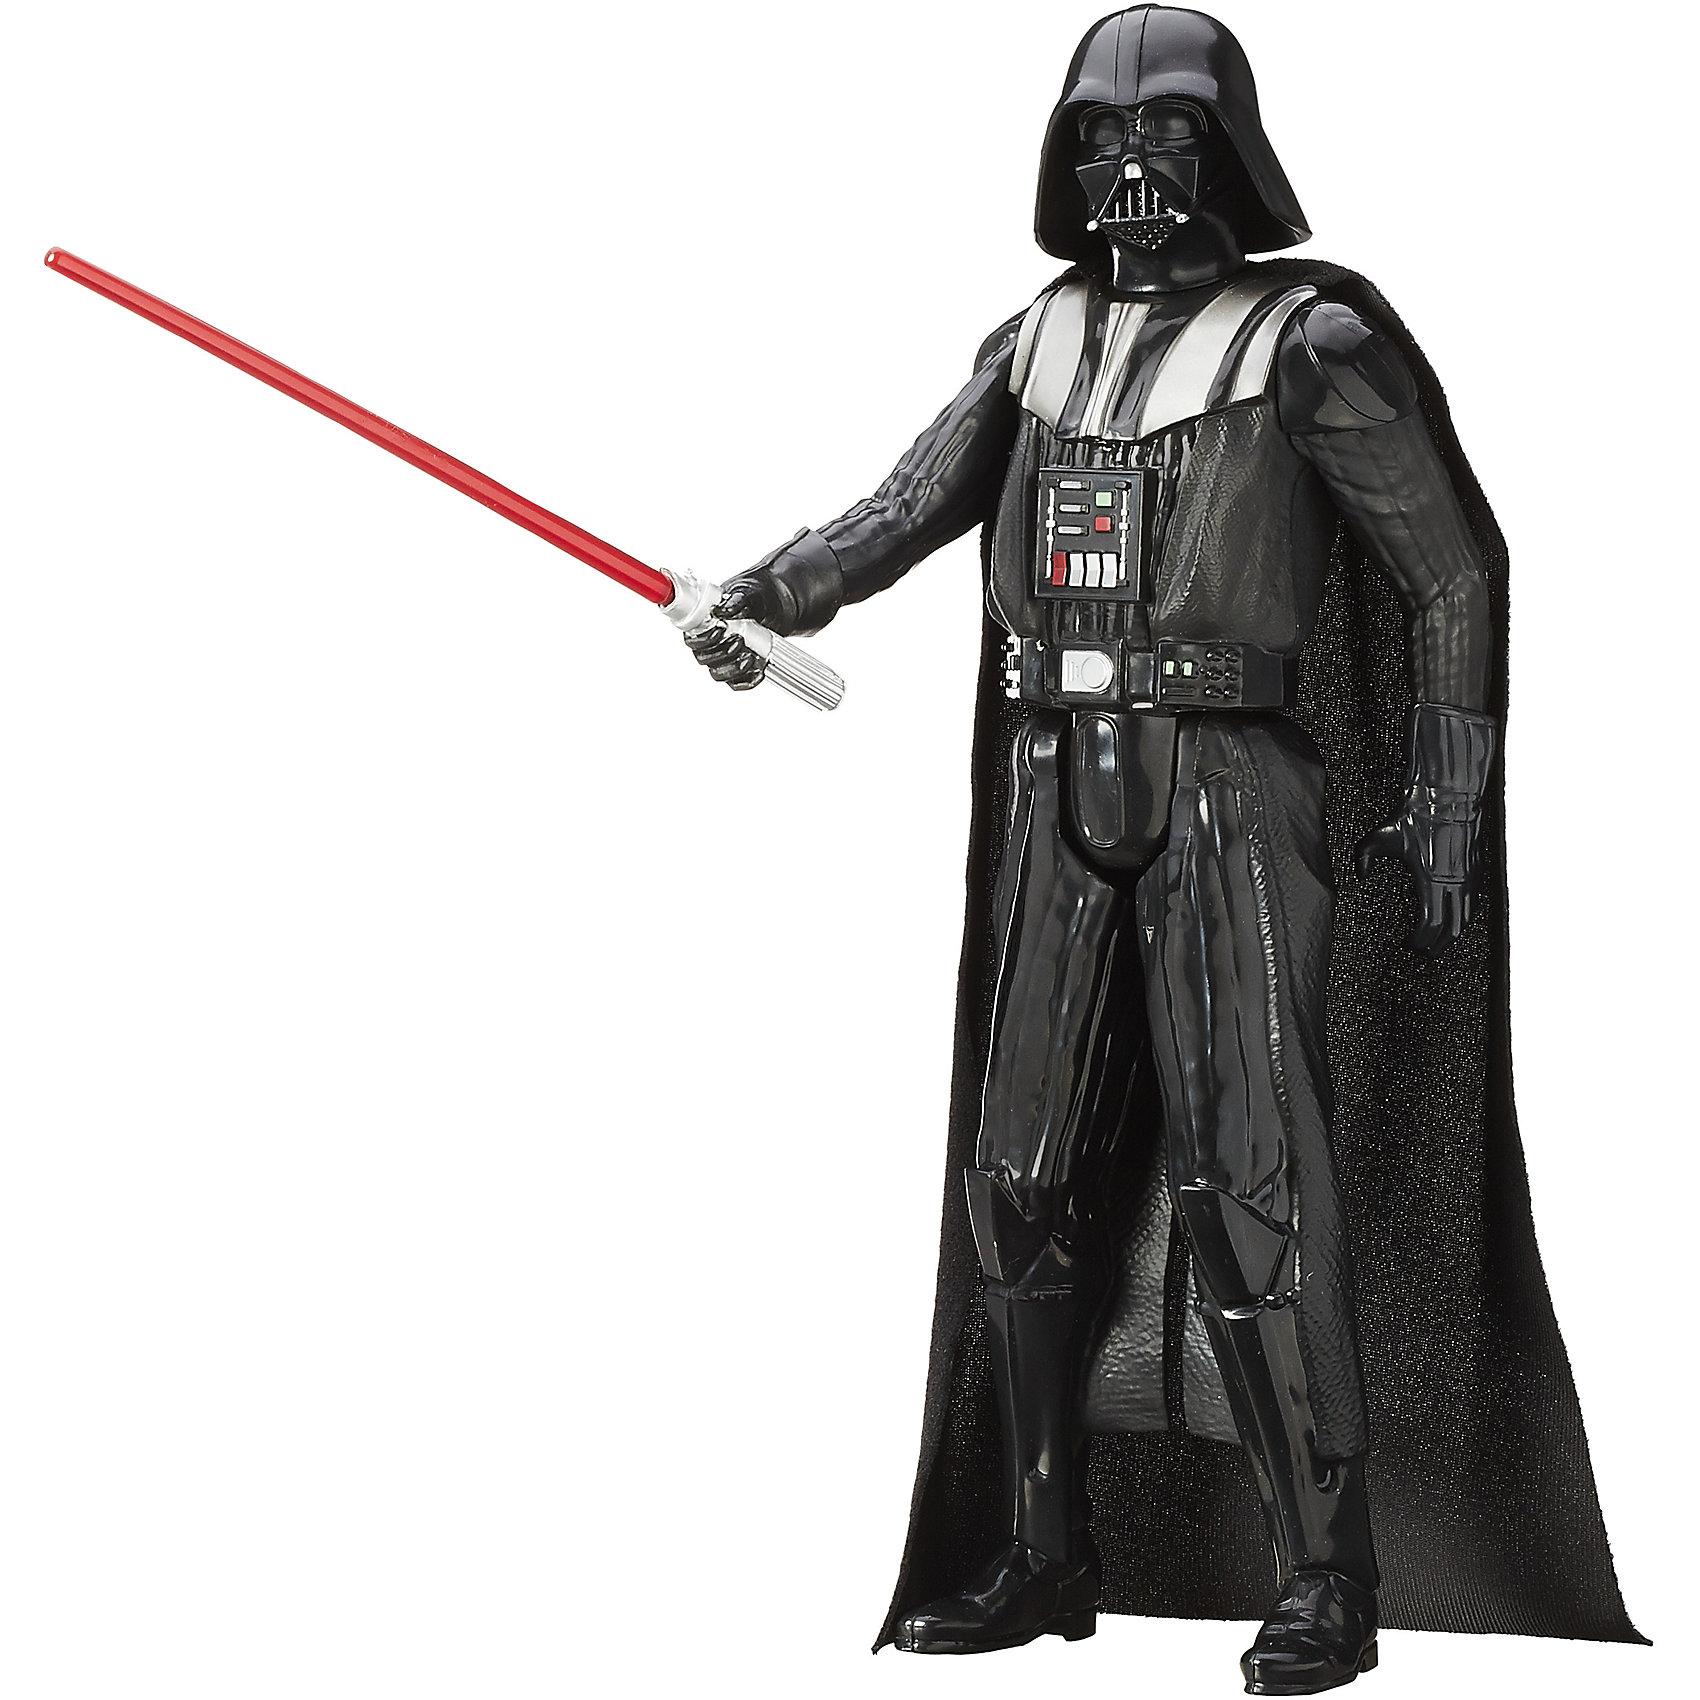 Титаны: Дарт Вейдер, Герои вселенной, Звездные ВойныФигурка Дарта Вейдера от Hasbro, станет приятным сюрпризом для вашего ребенка, особенно если он является поклонником популярной фантастической киносаги Star Wars. Фигурка выполнена из высококачественного пластика, прекрасно детализирована и реалистично раскрашена. Теперь можно разыгрывать по-настоящему масштабные сражения с любимыми персонажами. У фигурки подвижные части тела с 5 точками артикуляции, что позволяет придать ей любую позу. <br><br>Дополнительная информация:  <br><br>- В комплекте: 1 фигурка, 1 оружие.<br>- Материал: пластик. <br>- Высота фигурки: 30 см. <br>- Размер упаковки: 30,5 х 5 х 10 см.   <br>- Голова, руки, ноги подвижные.<br><br>Фигурку Титаны: Дарт Вейдер, Герои вселенной, Звездные Войны (Star Wars), можно купить в нашем интернет-магазине.<br><br>Ширина мм: 309<br>Глубина мм: 102<br>Высота мм: 57<br>Вес г: 328<br>Возраст от месяцев: 48<br>Возраст до месяцев: 96<br>Пол: Мужской<br>Возраст: Детский<br>SKU: 4702911